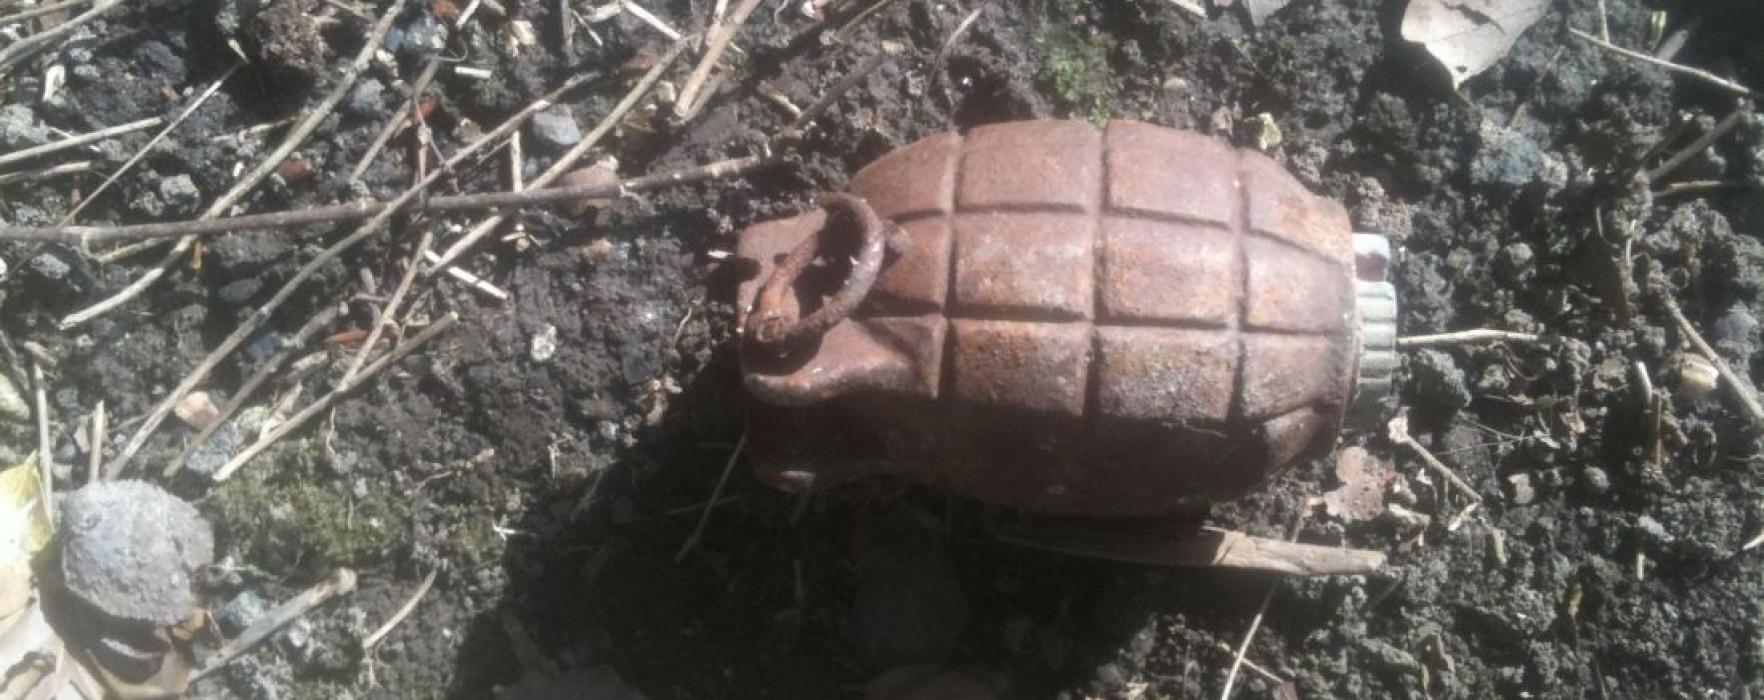 Grenadă în stare de funcţionare, găsită la Odobeşti